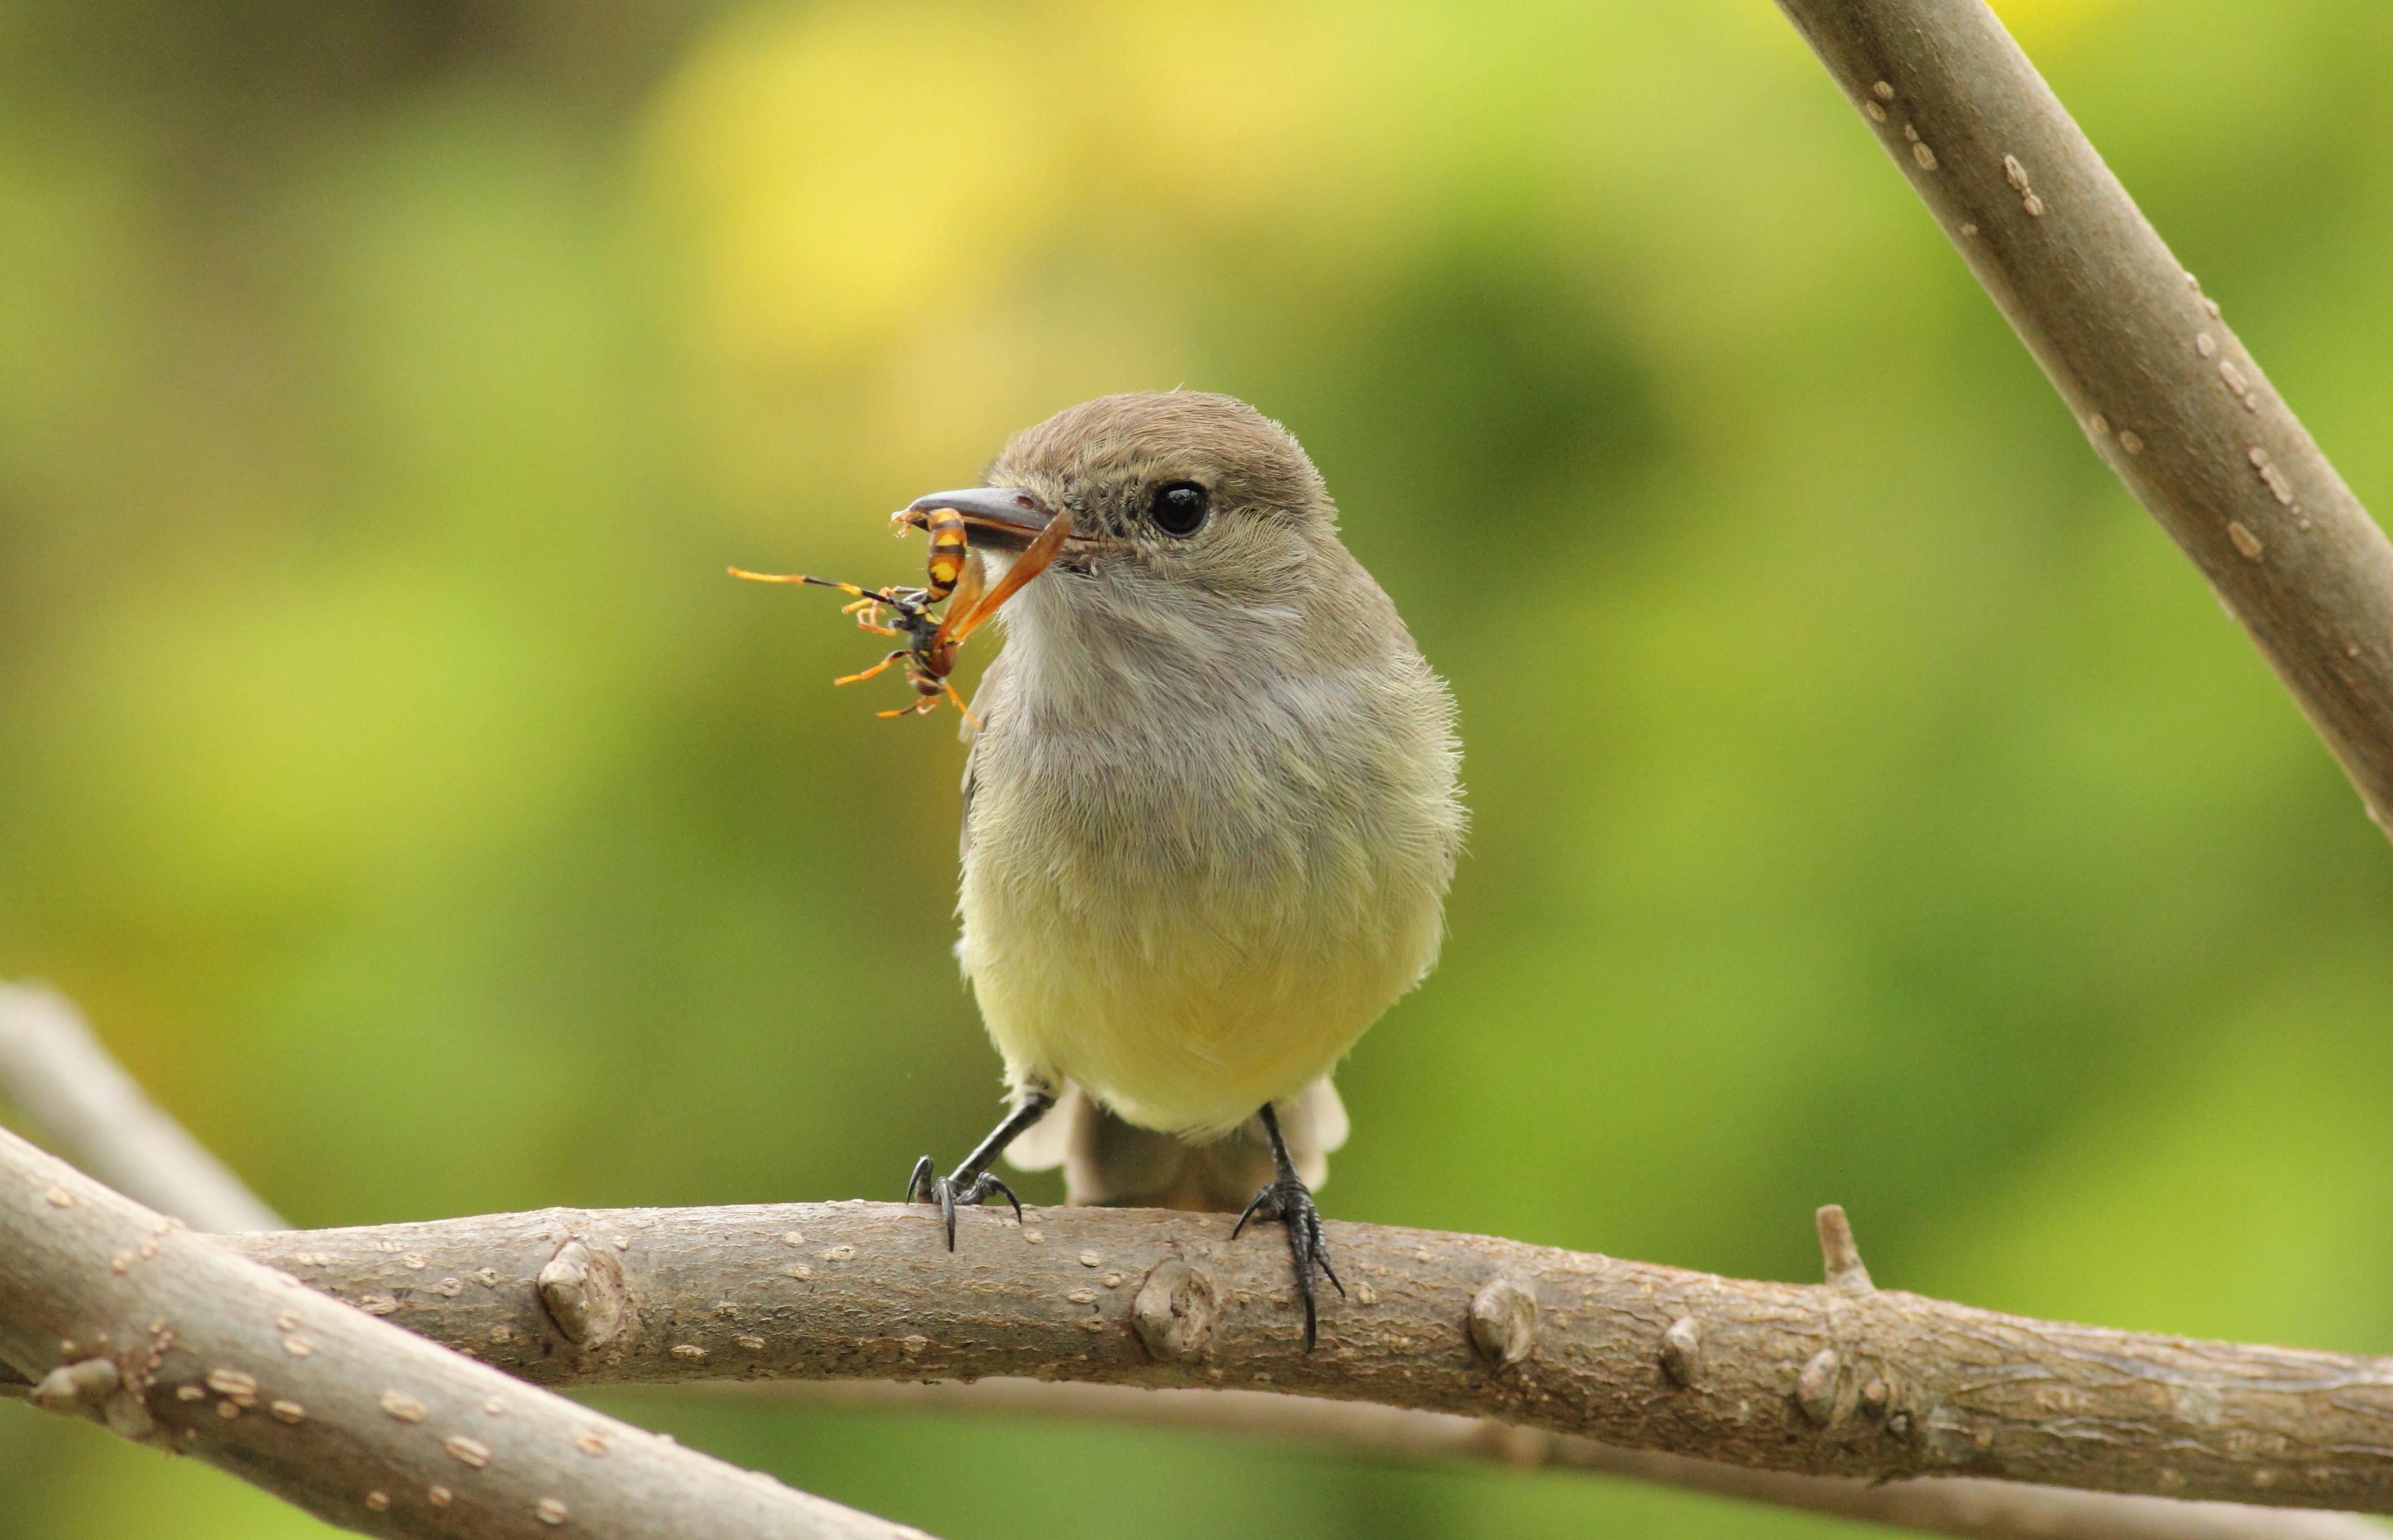 imagen de Las interacciones entre especies sustentan la vida en el planeta./ RUBÉN HELENO